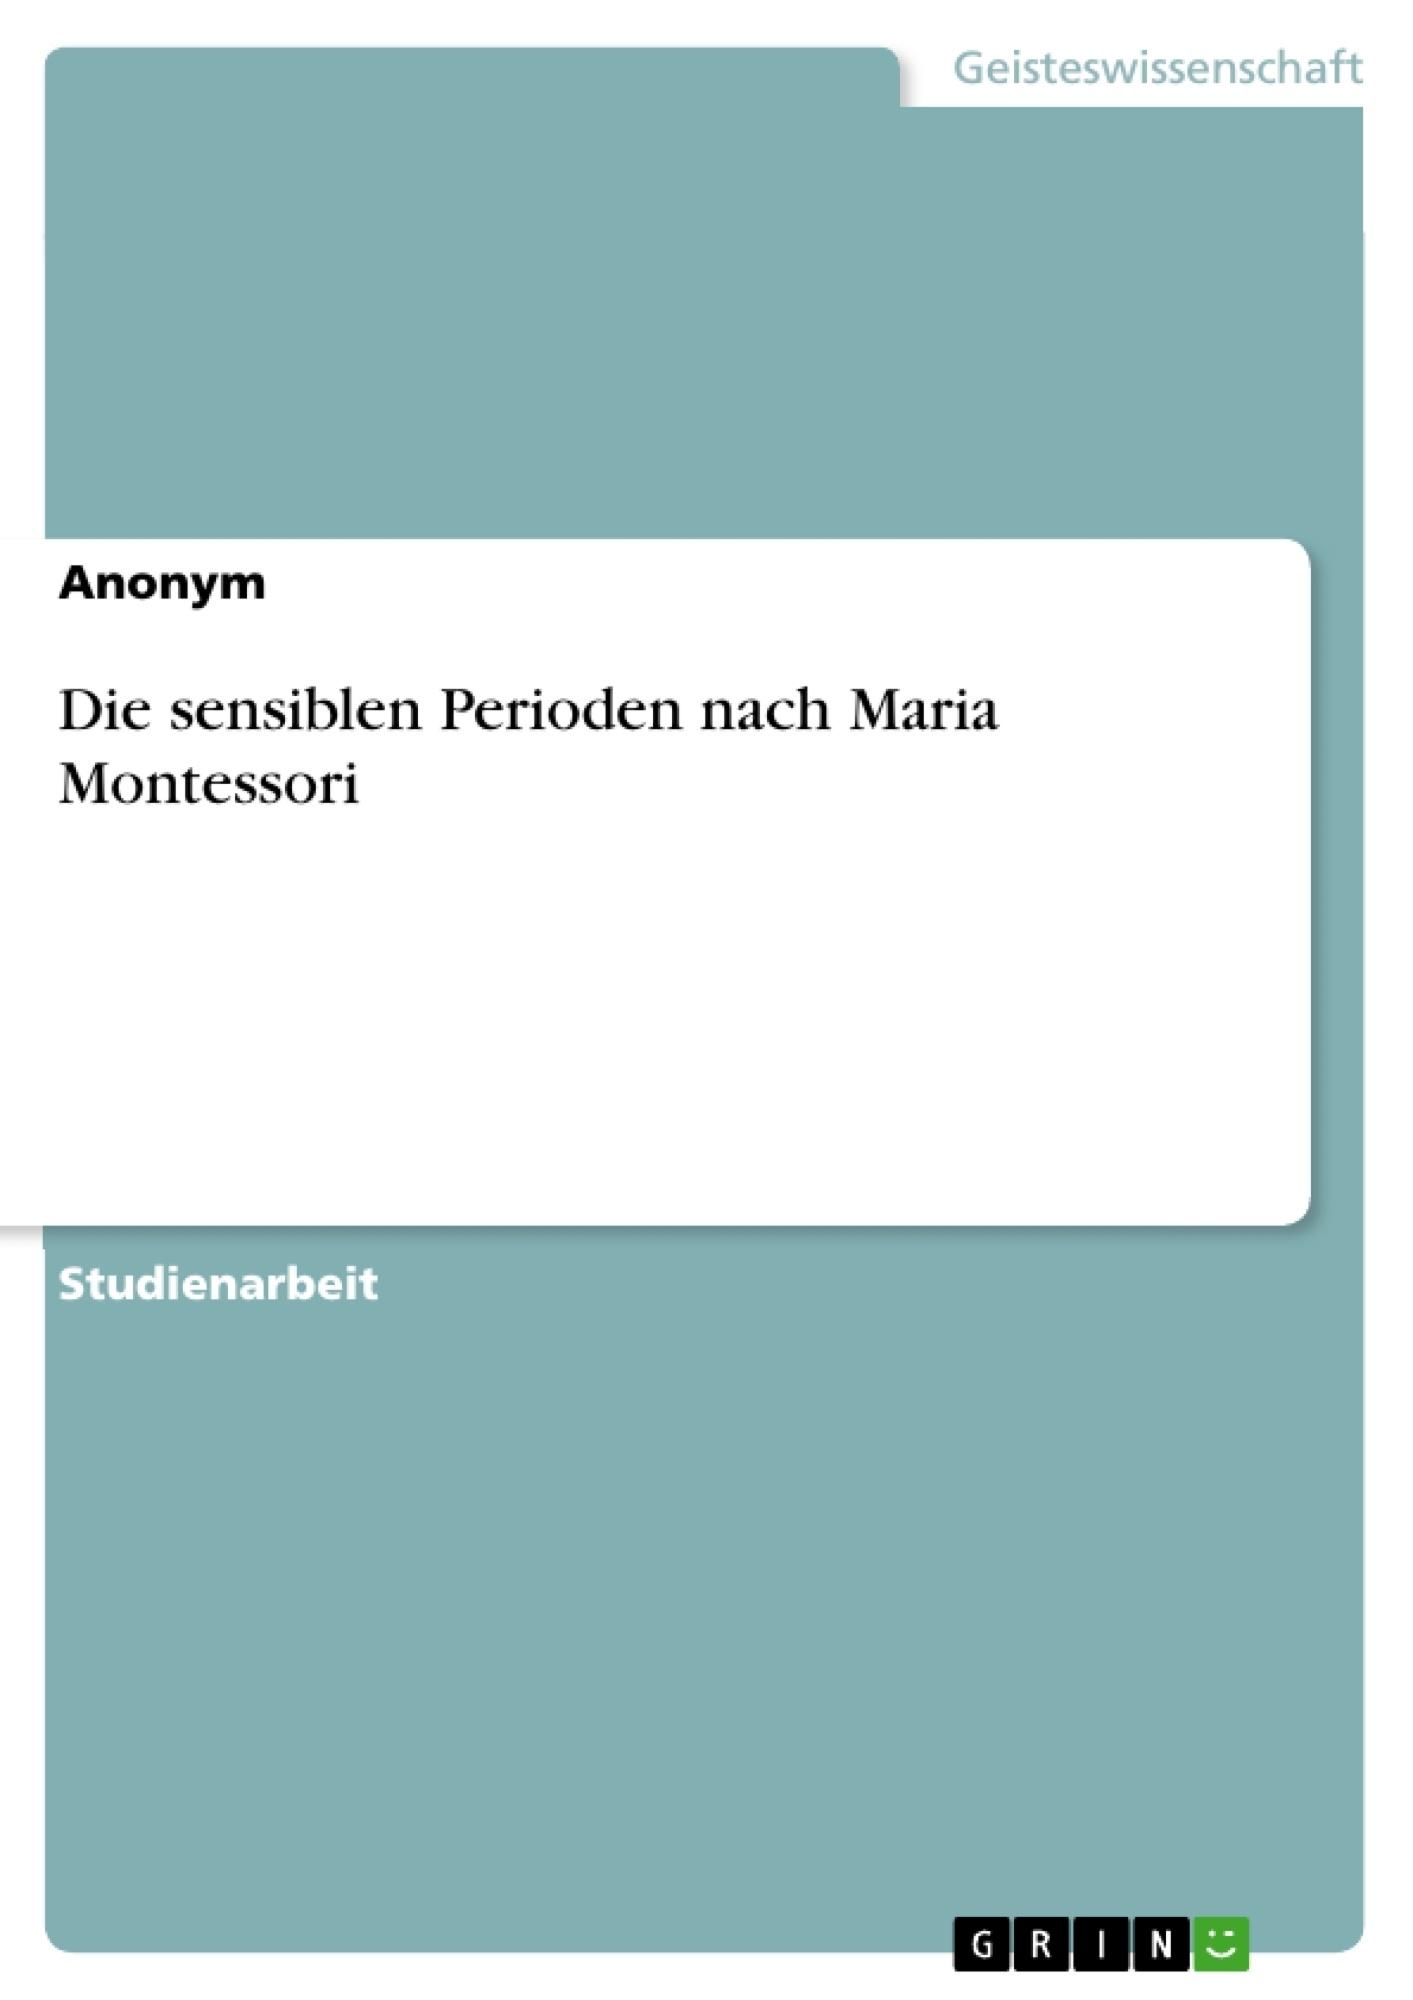 Titel: Die sensiblen Perioden nach Maria Montessori